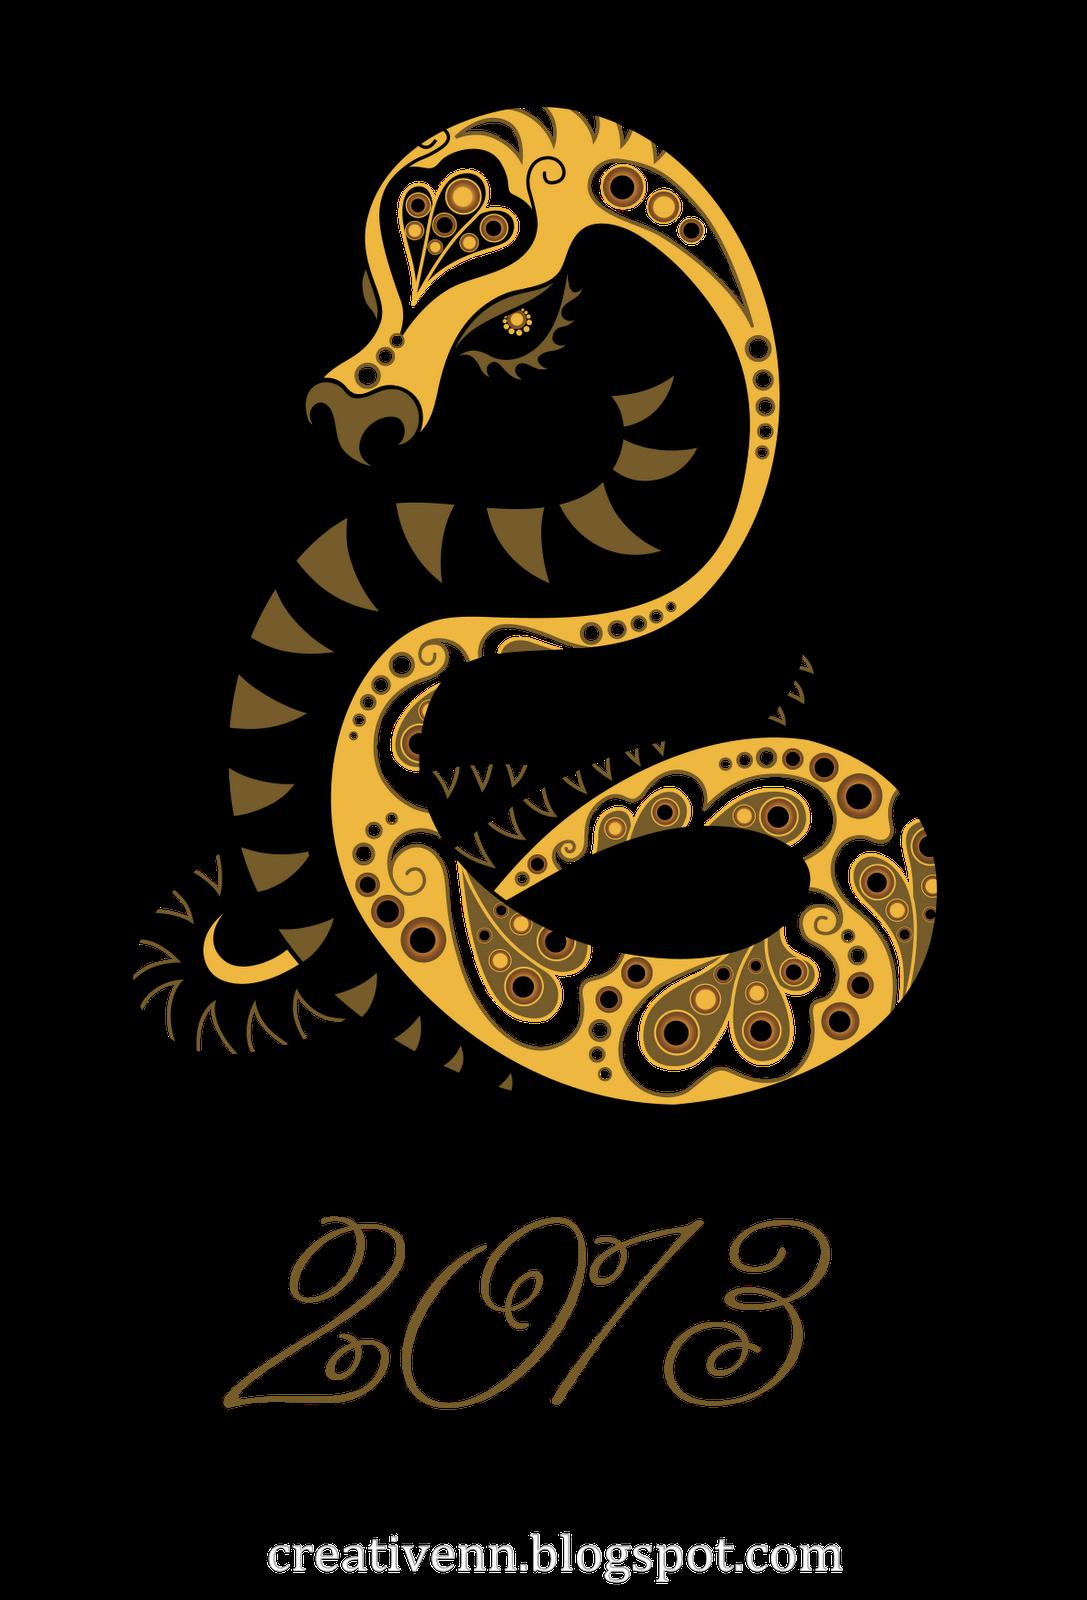 Картинки змей 2017 на новый год